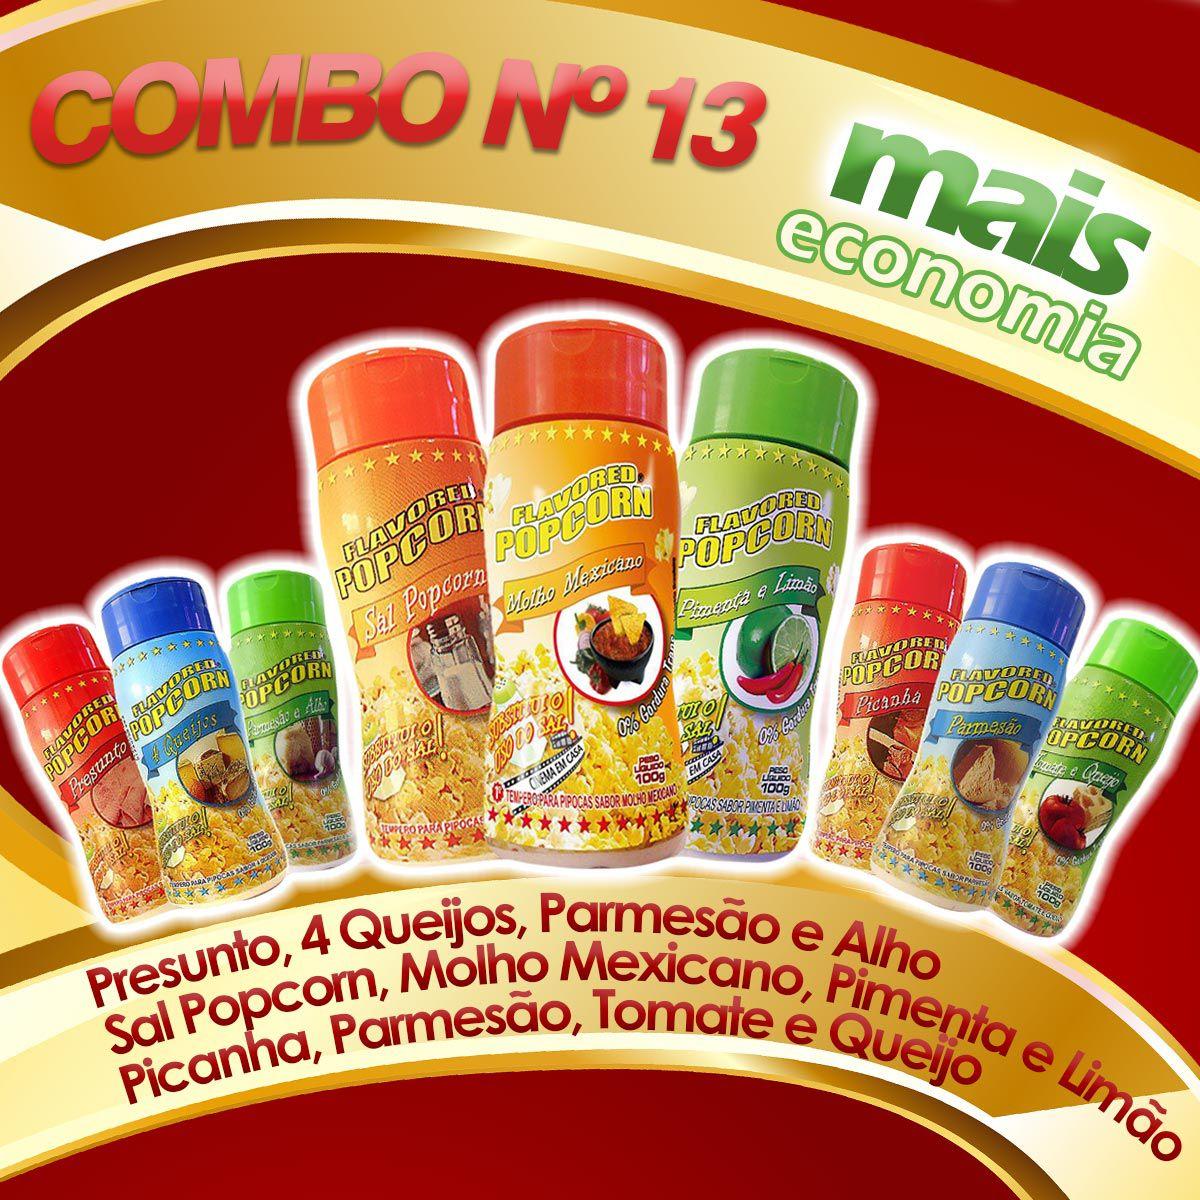 Combo Popcorn nº13 -  09 Temperos - Mais Economia - Parmesão, Picanha, Tomate e queijo, Quatro queijos, Presunto, Parmesão e Alho, Pimenta e limão, Molho mexicano, Sal Popcorn